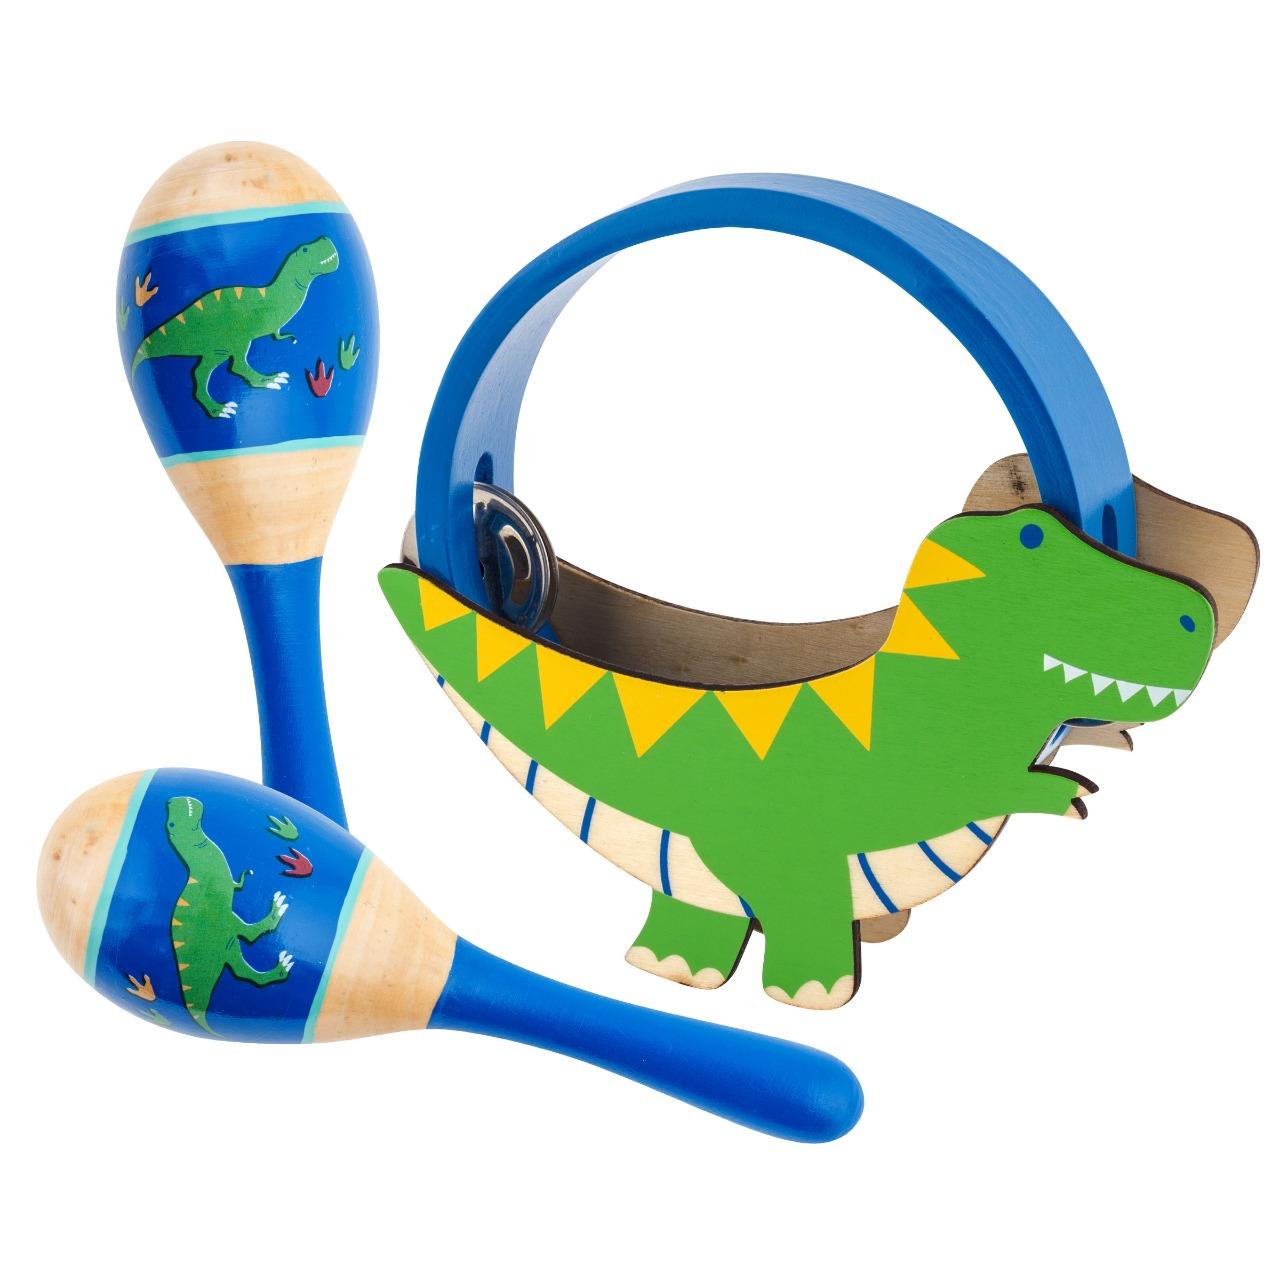 Kit De Percussão - Dino